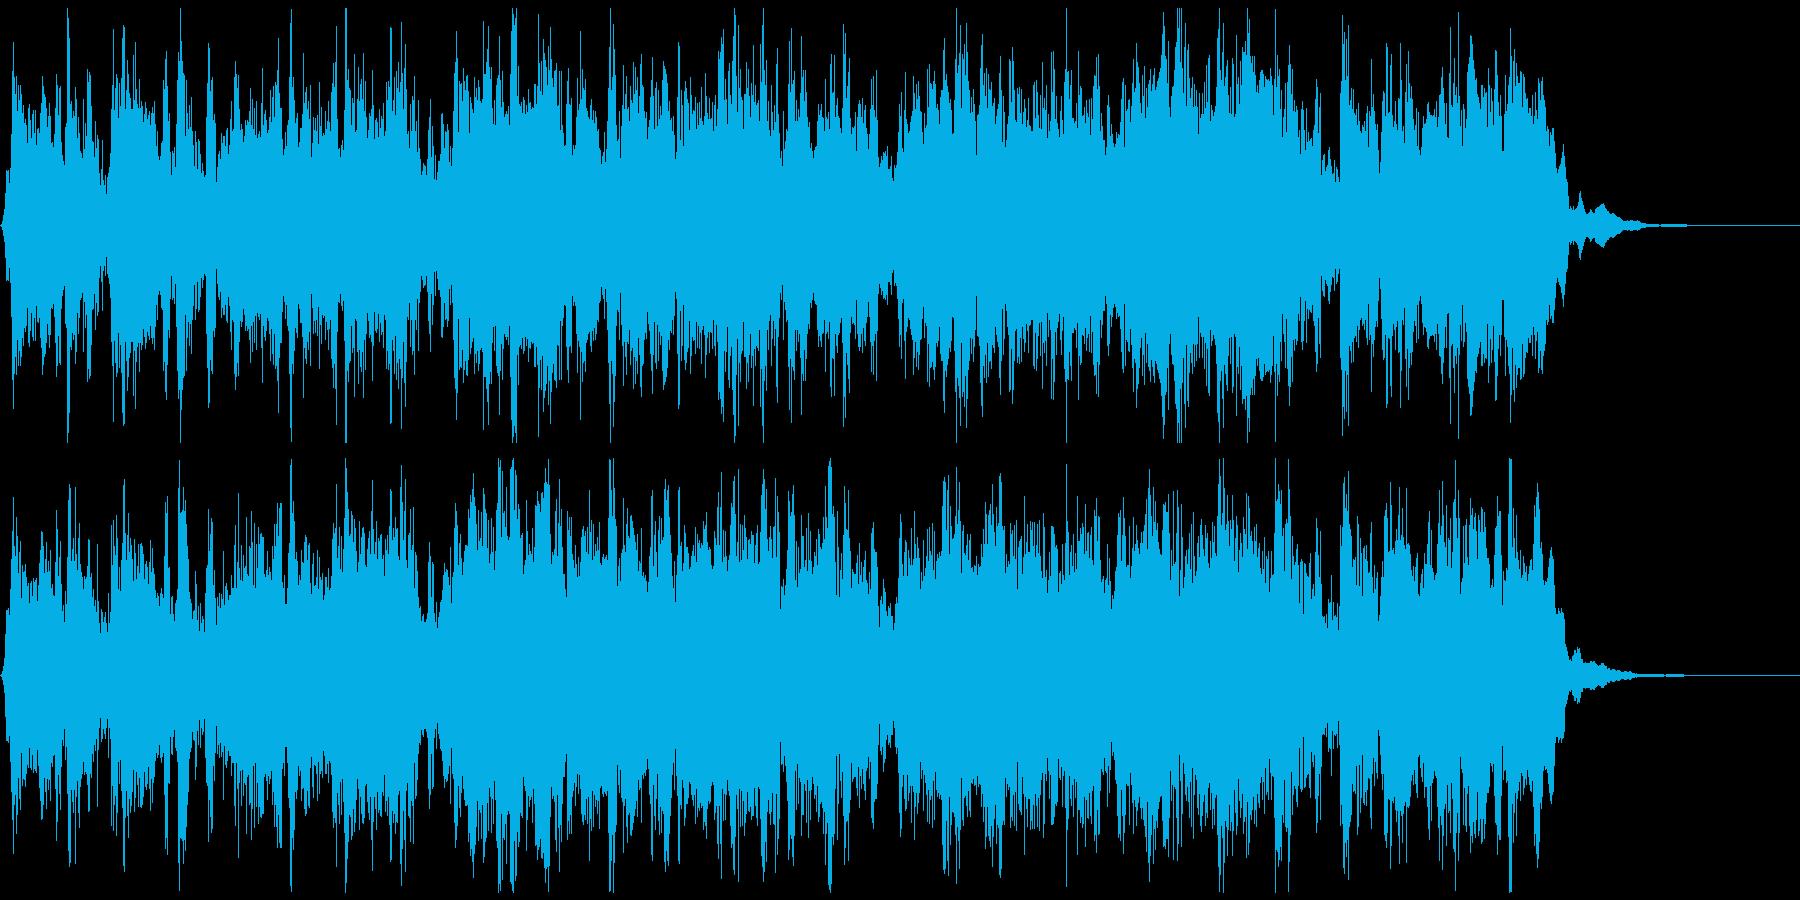 常夏系軽快ジャズサンバ◆CM向け15秒曲の再生済みの波形